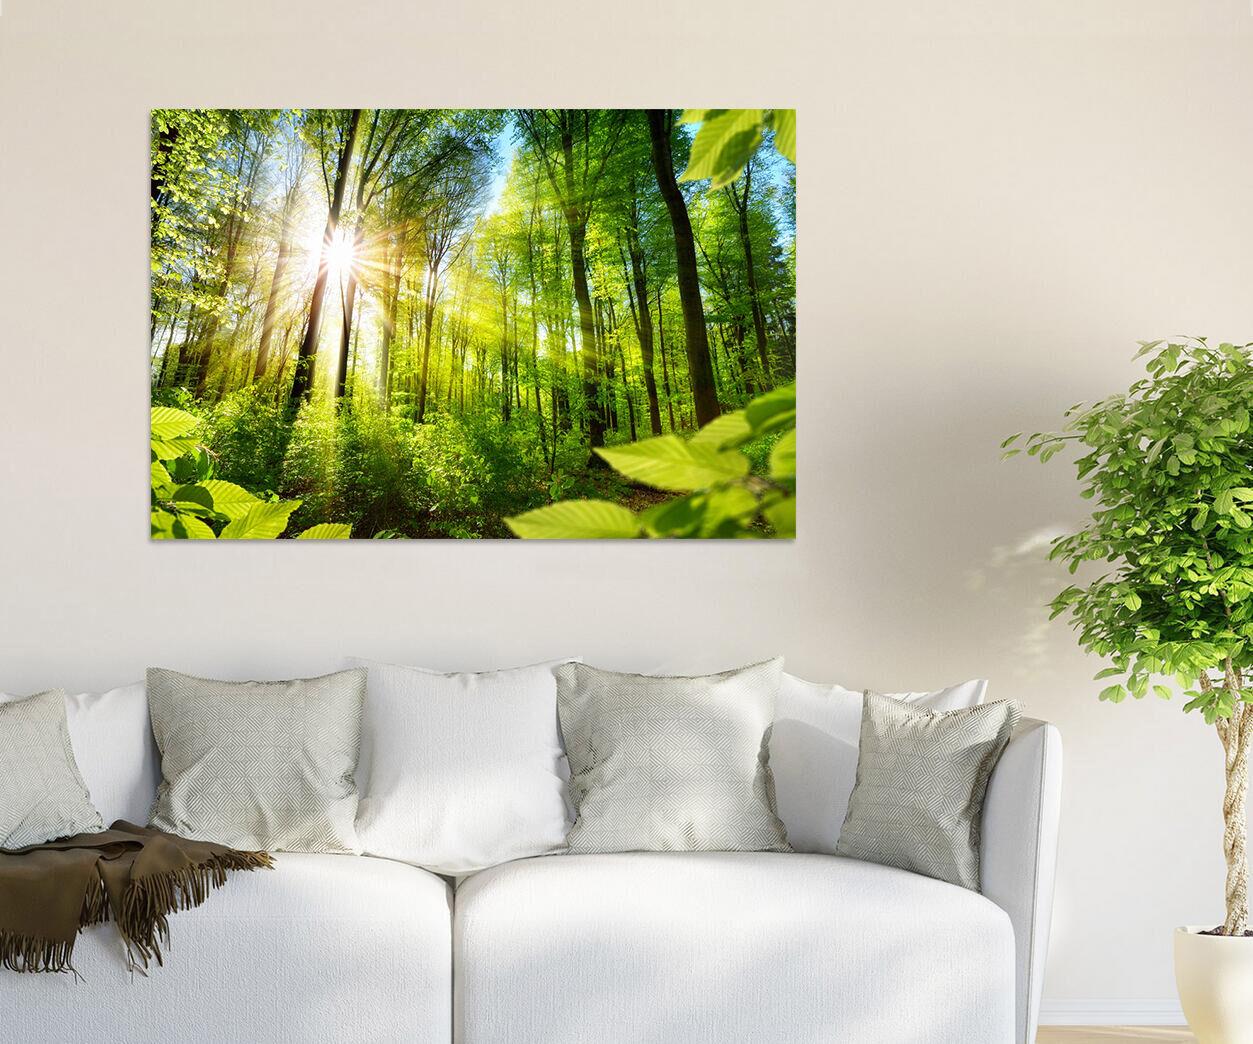 3D Sunny green Bäume Sträucher 9 Fototapeten Wandbild BildTapete AJSTORE DE Lemon